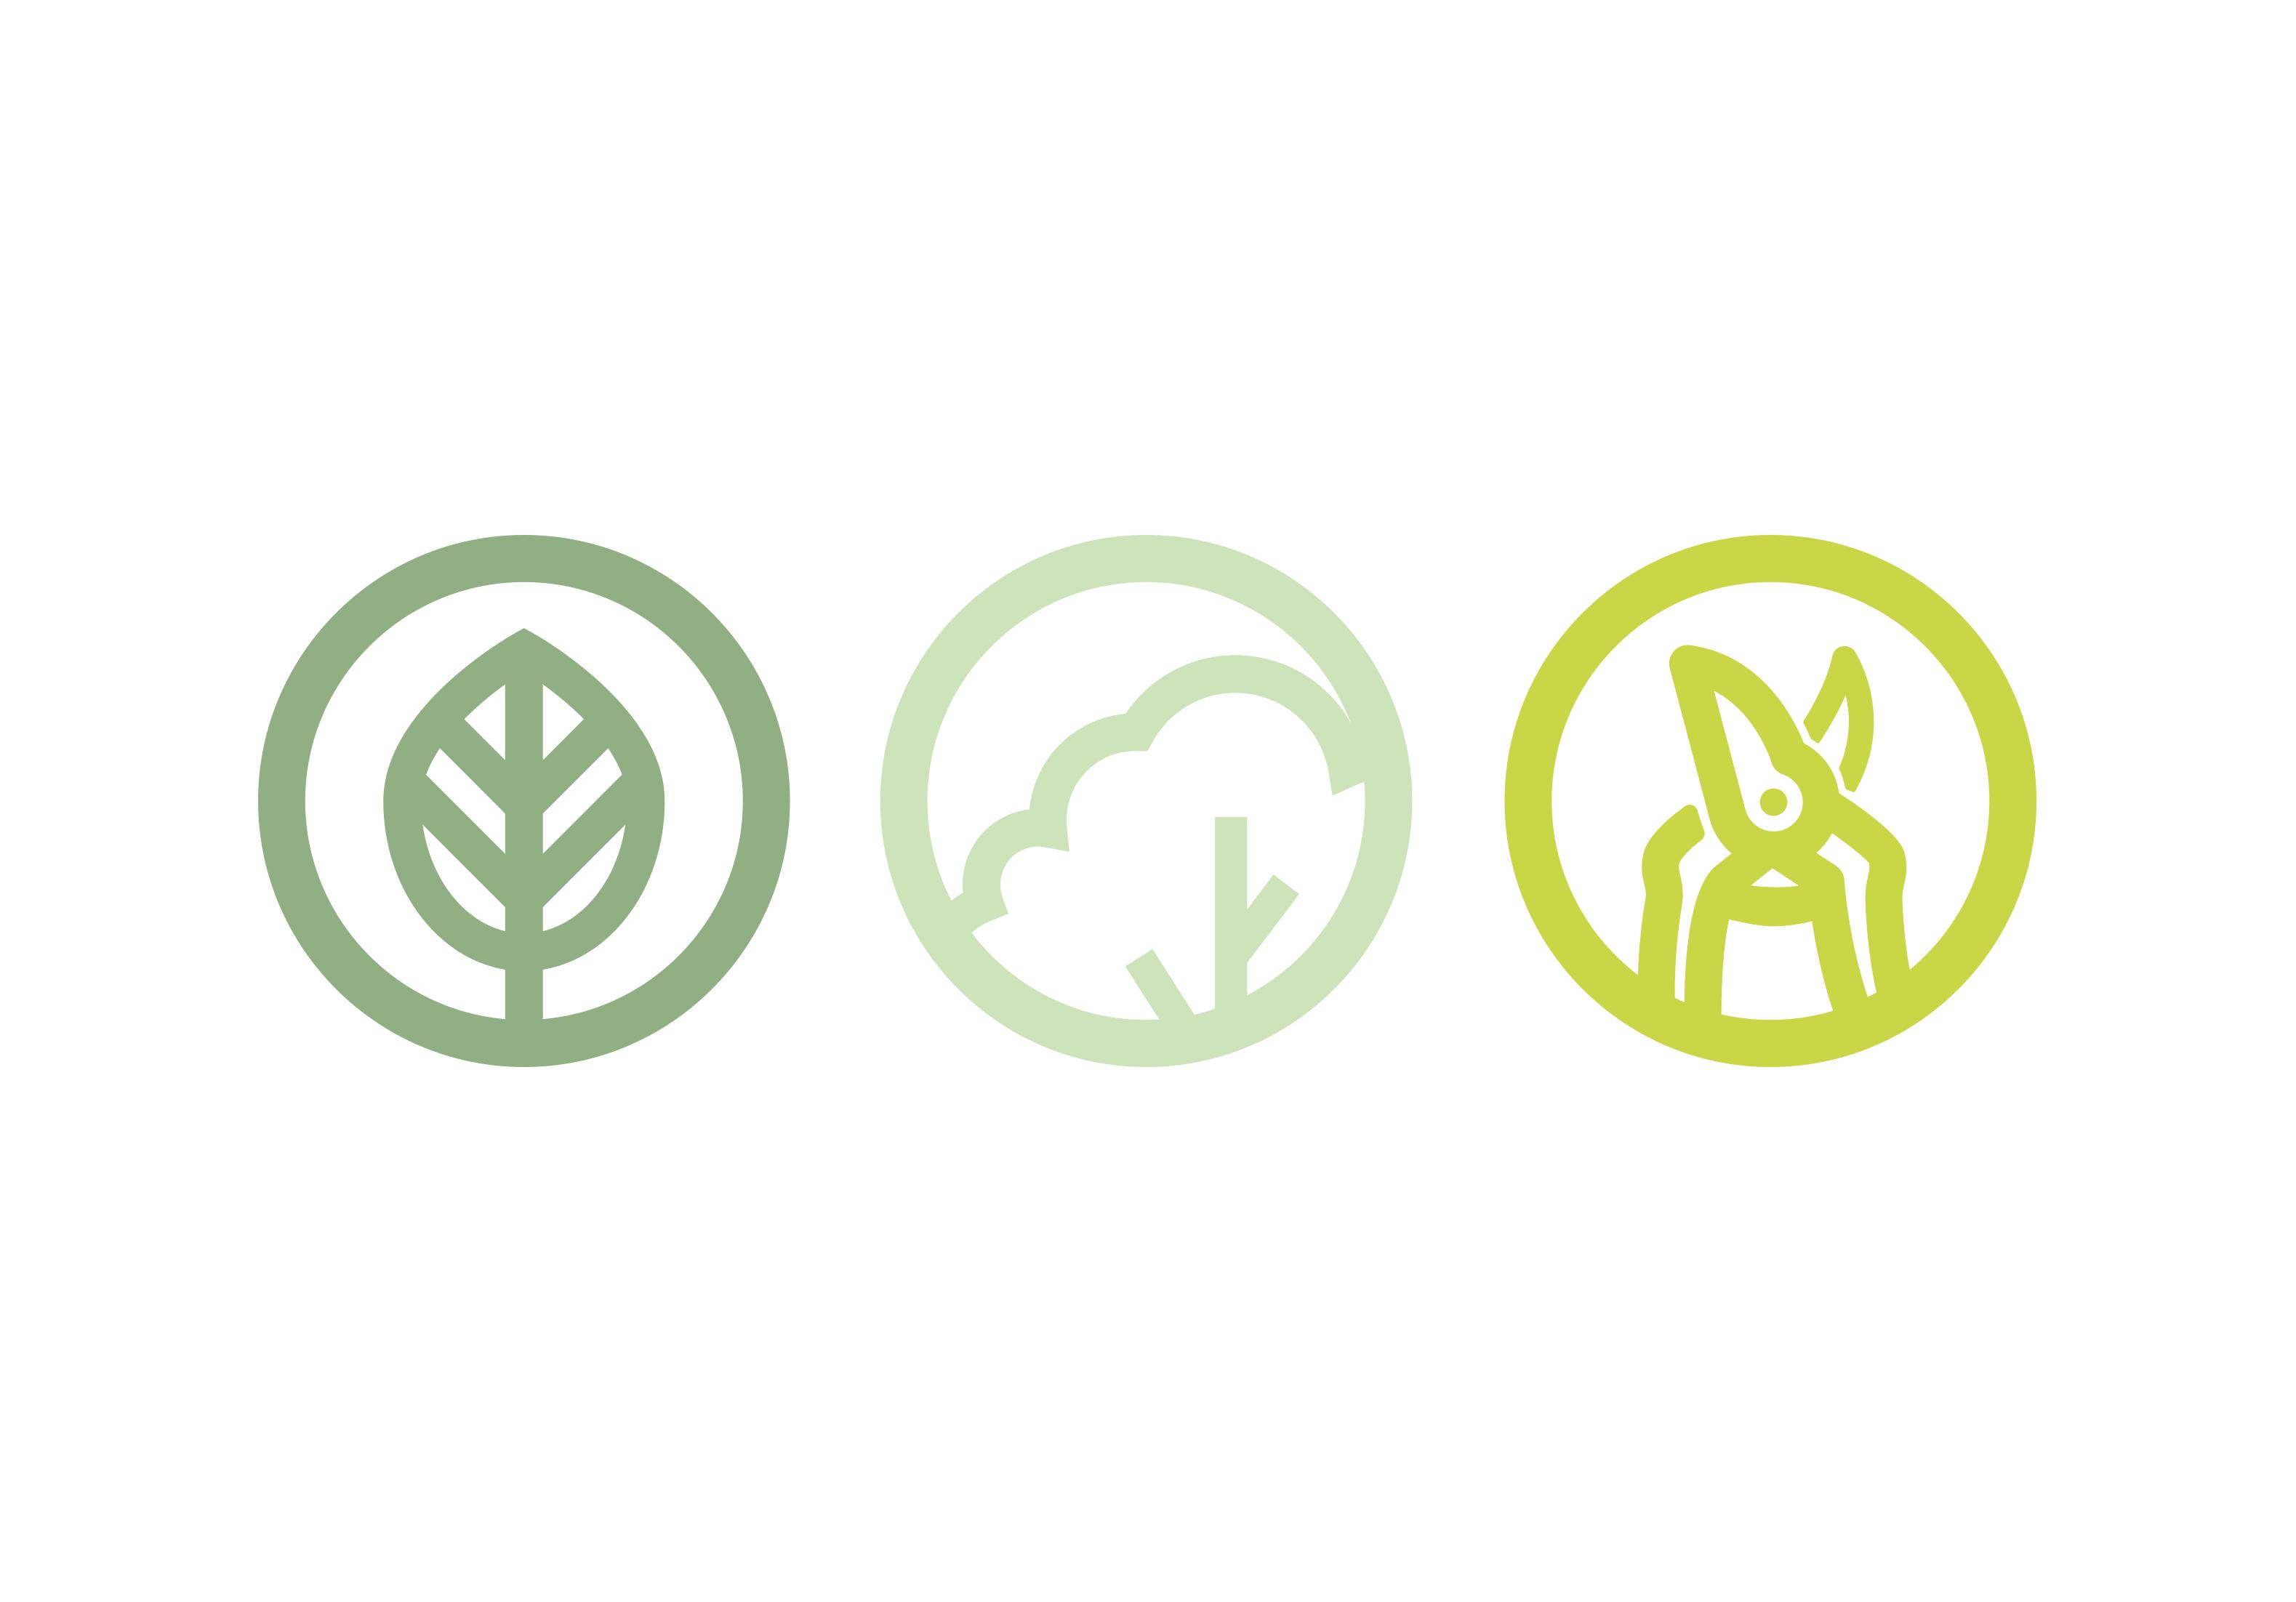 Vincent Loos Groenvoorziening - Beeldmerk (logo)